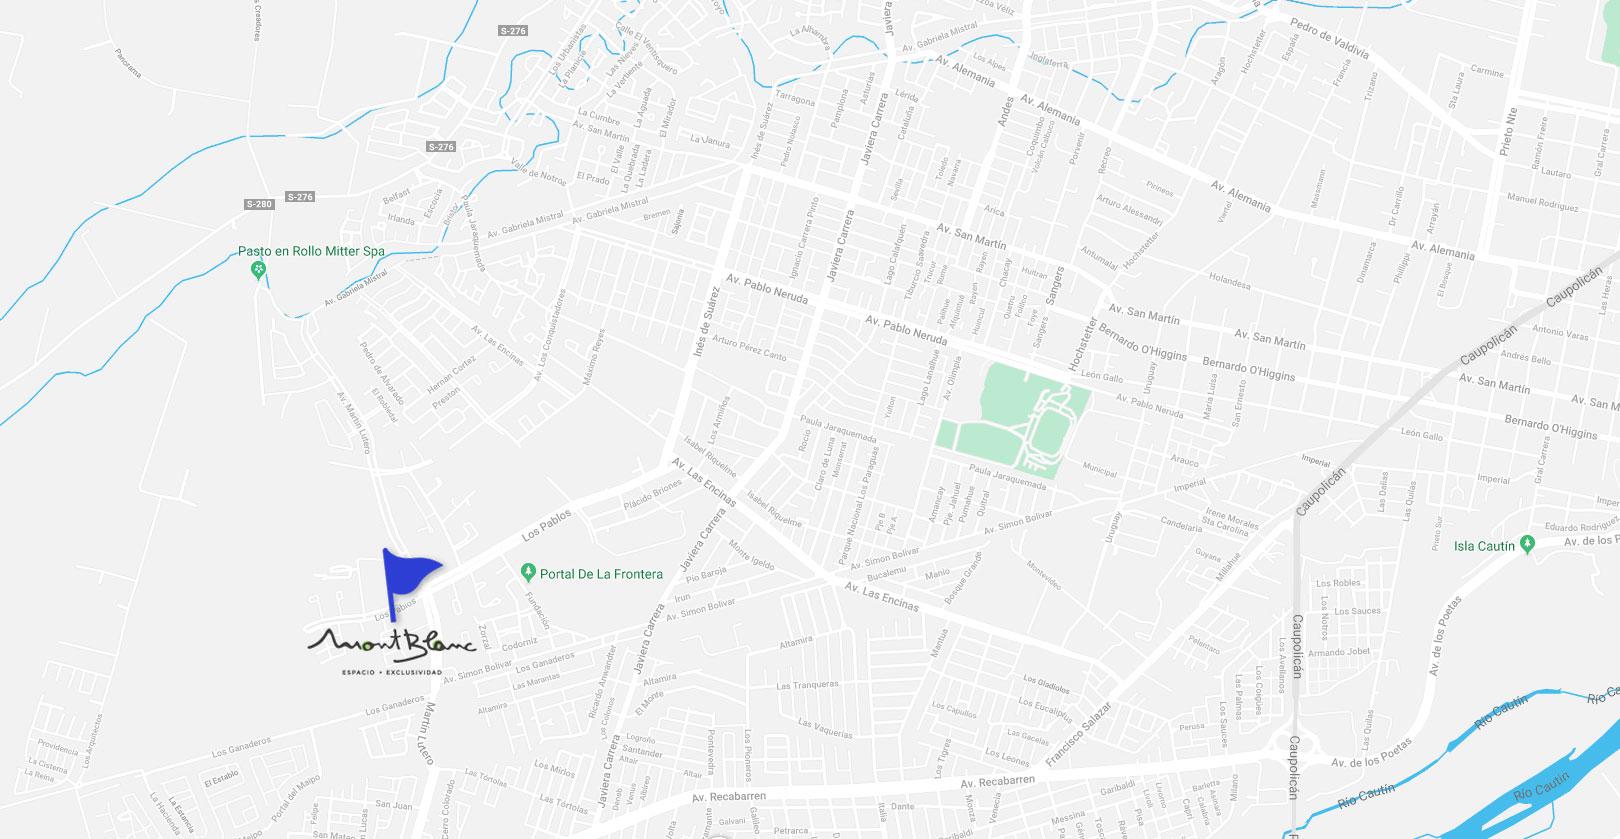 Mapa-montblanc Dubois